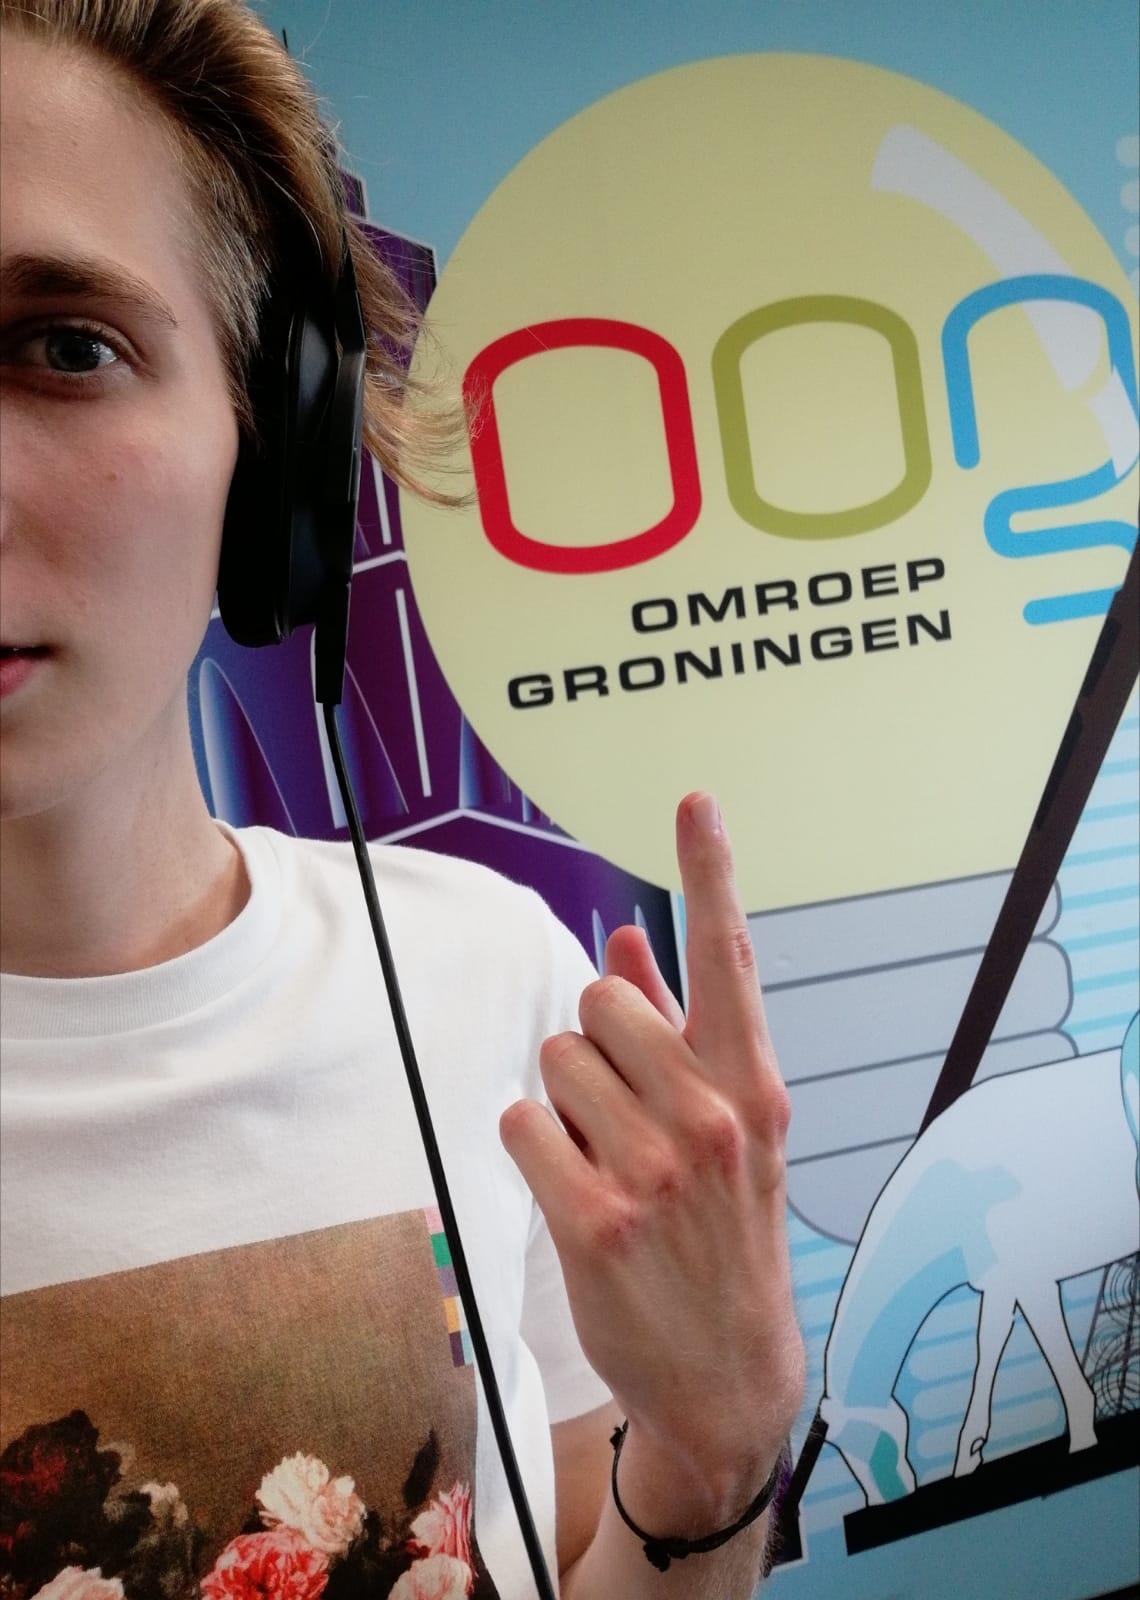 Foto 3 - Radio e giovani. 1^ puntata. Maikel Van Duinen: La Radio non è un device, è contenuto e brand